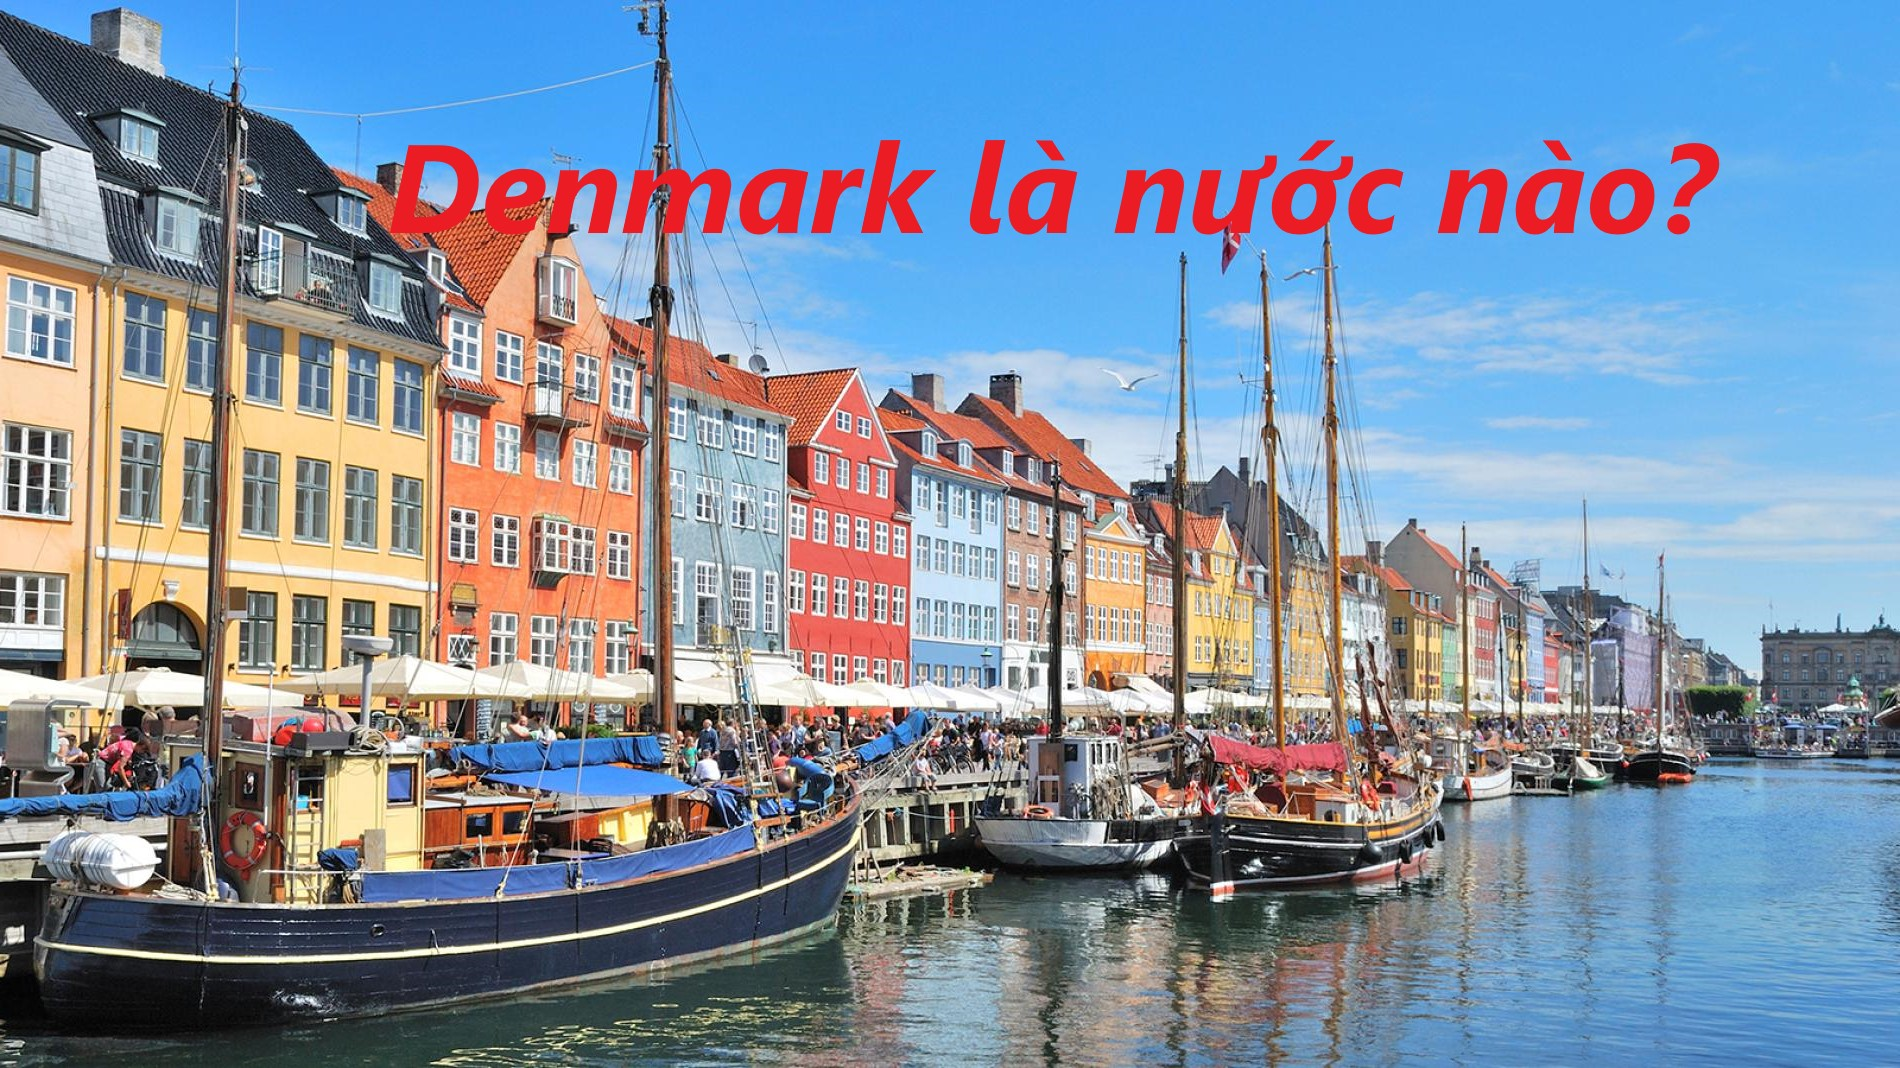 Denmark là nước nào?